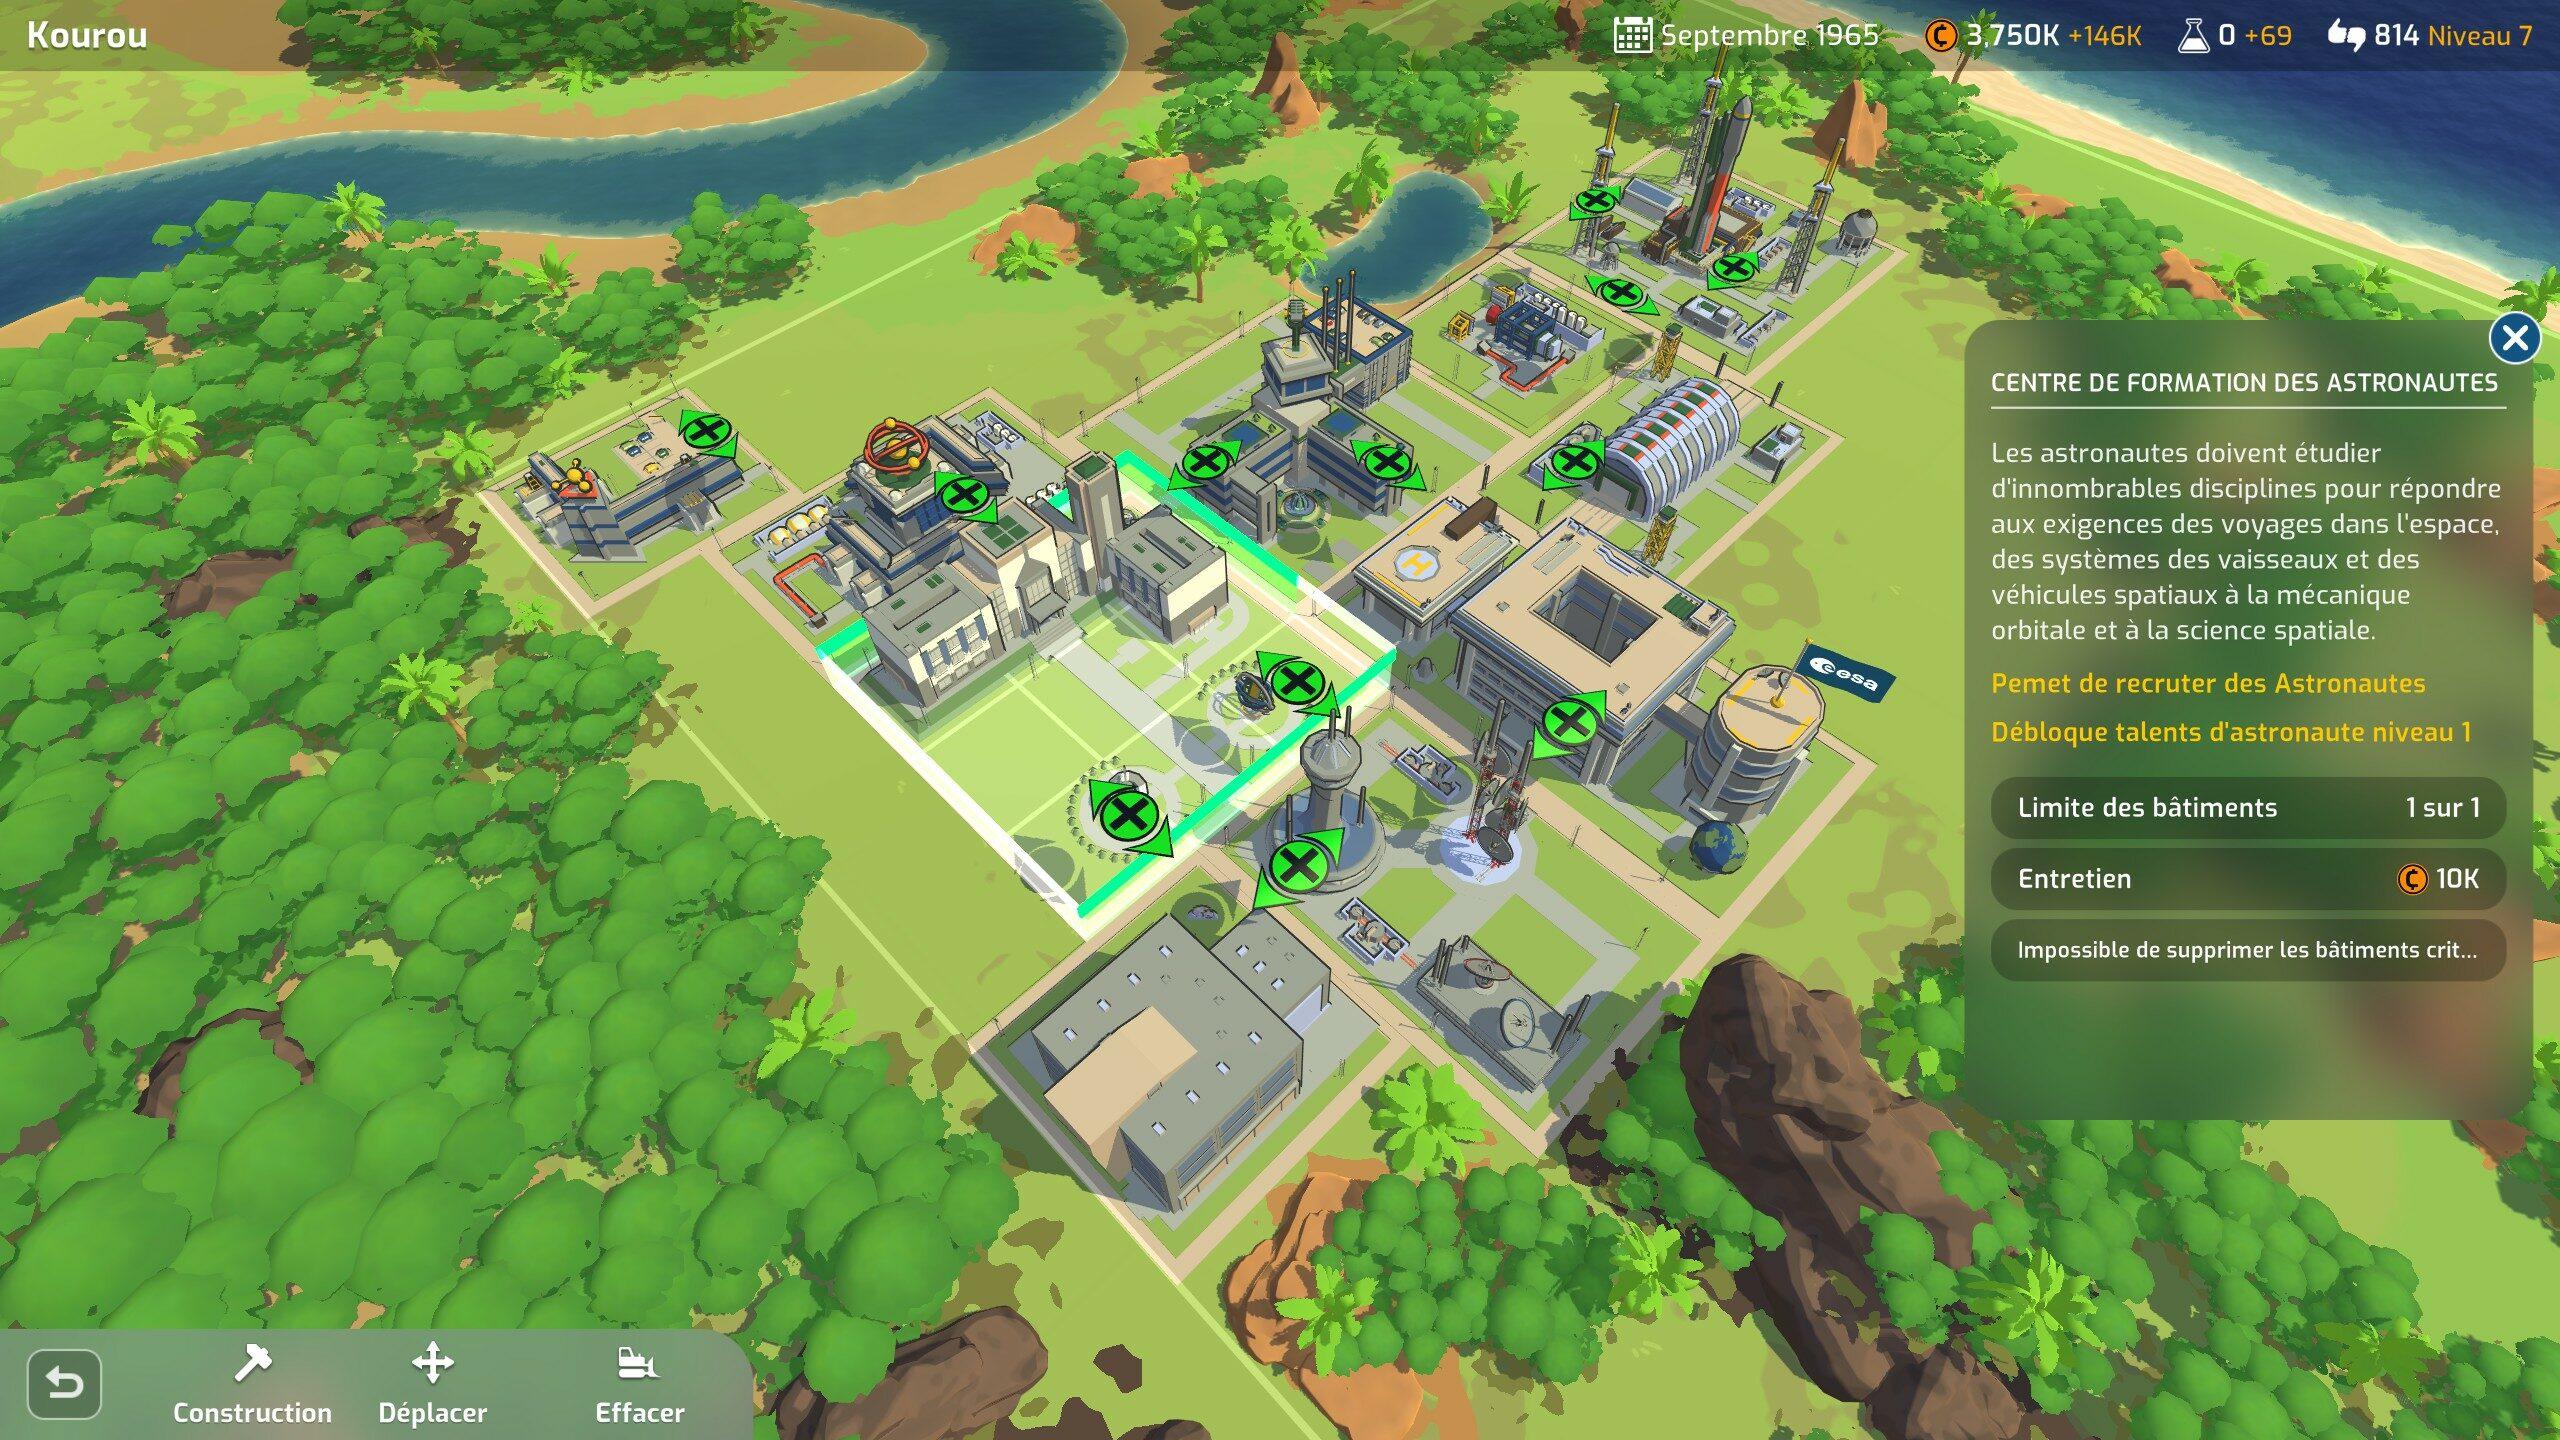 La construction du centre spatial est un petit Tetris dans lequel il faut optimiser le placement des bâtiments pour ramasser différents bonus.